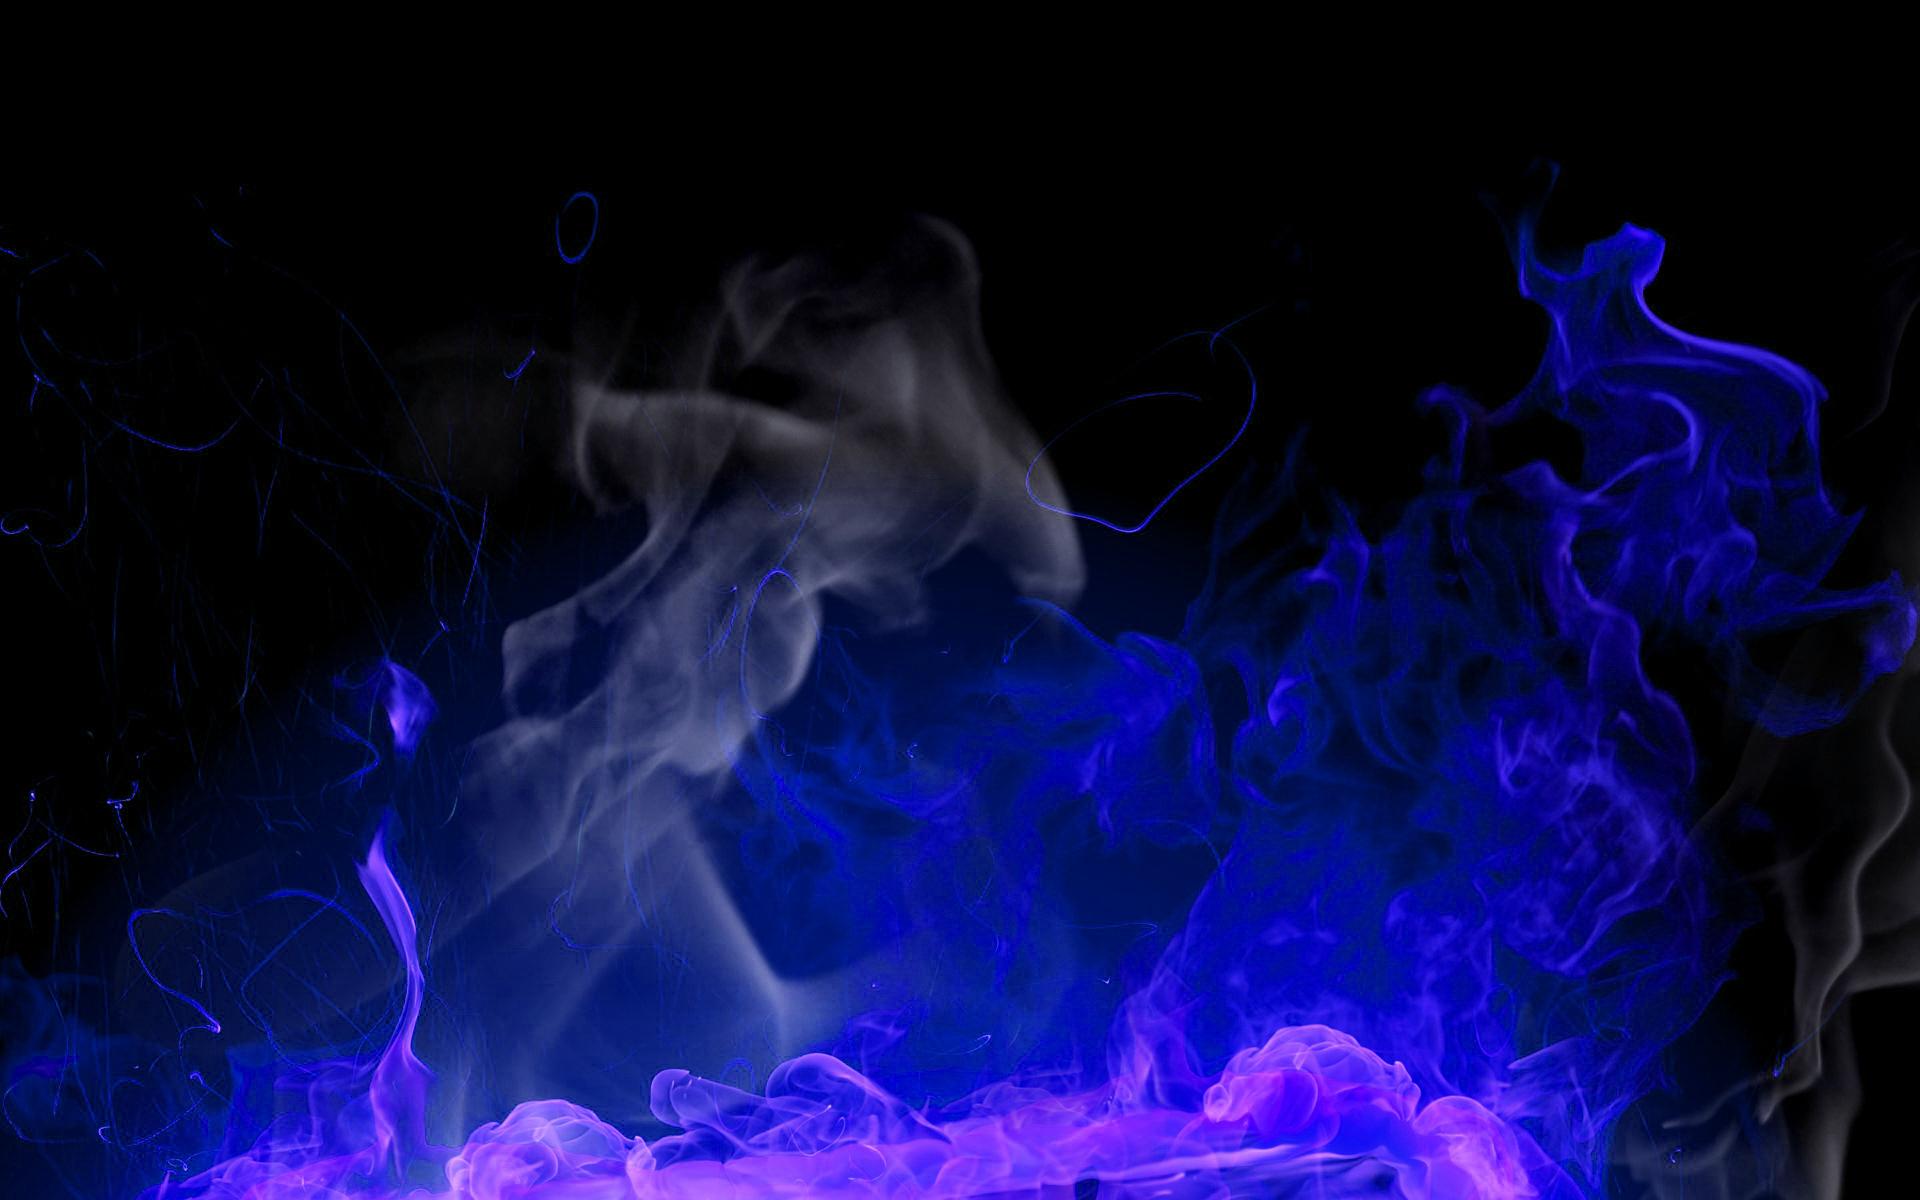 fire wallpaper blue